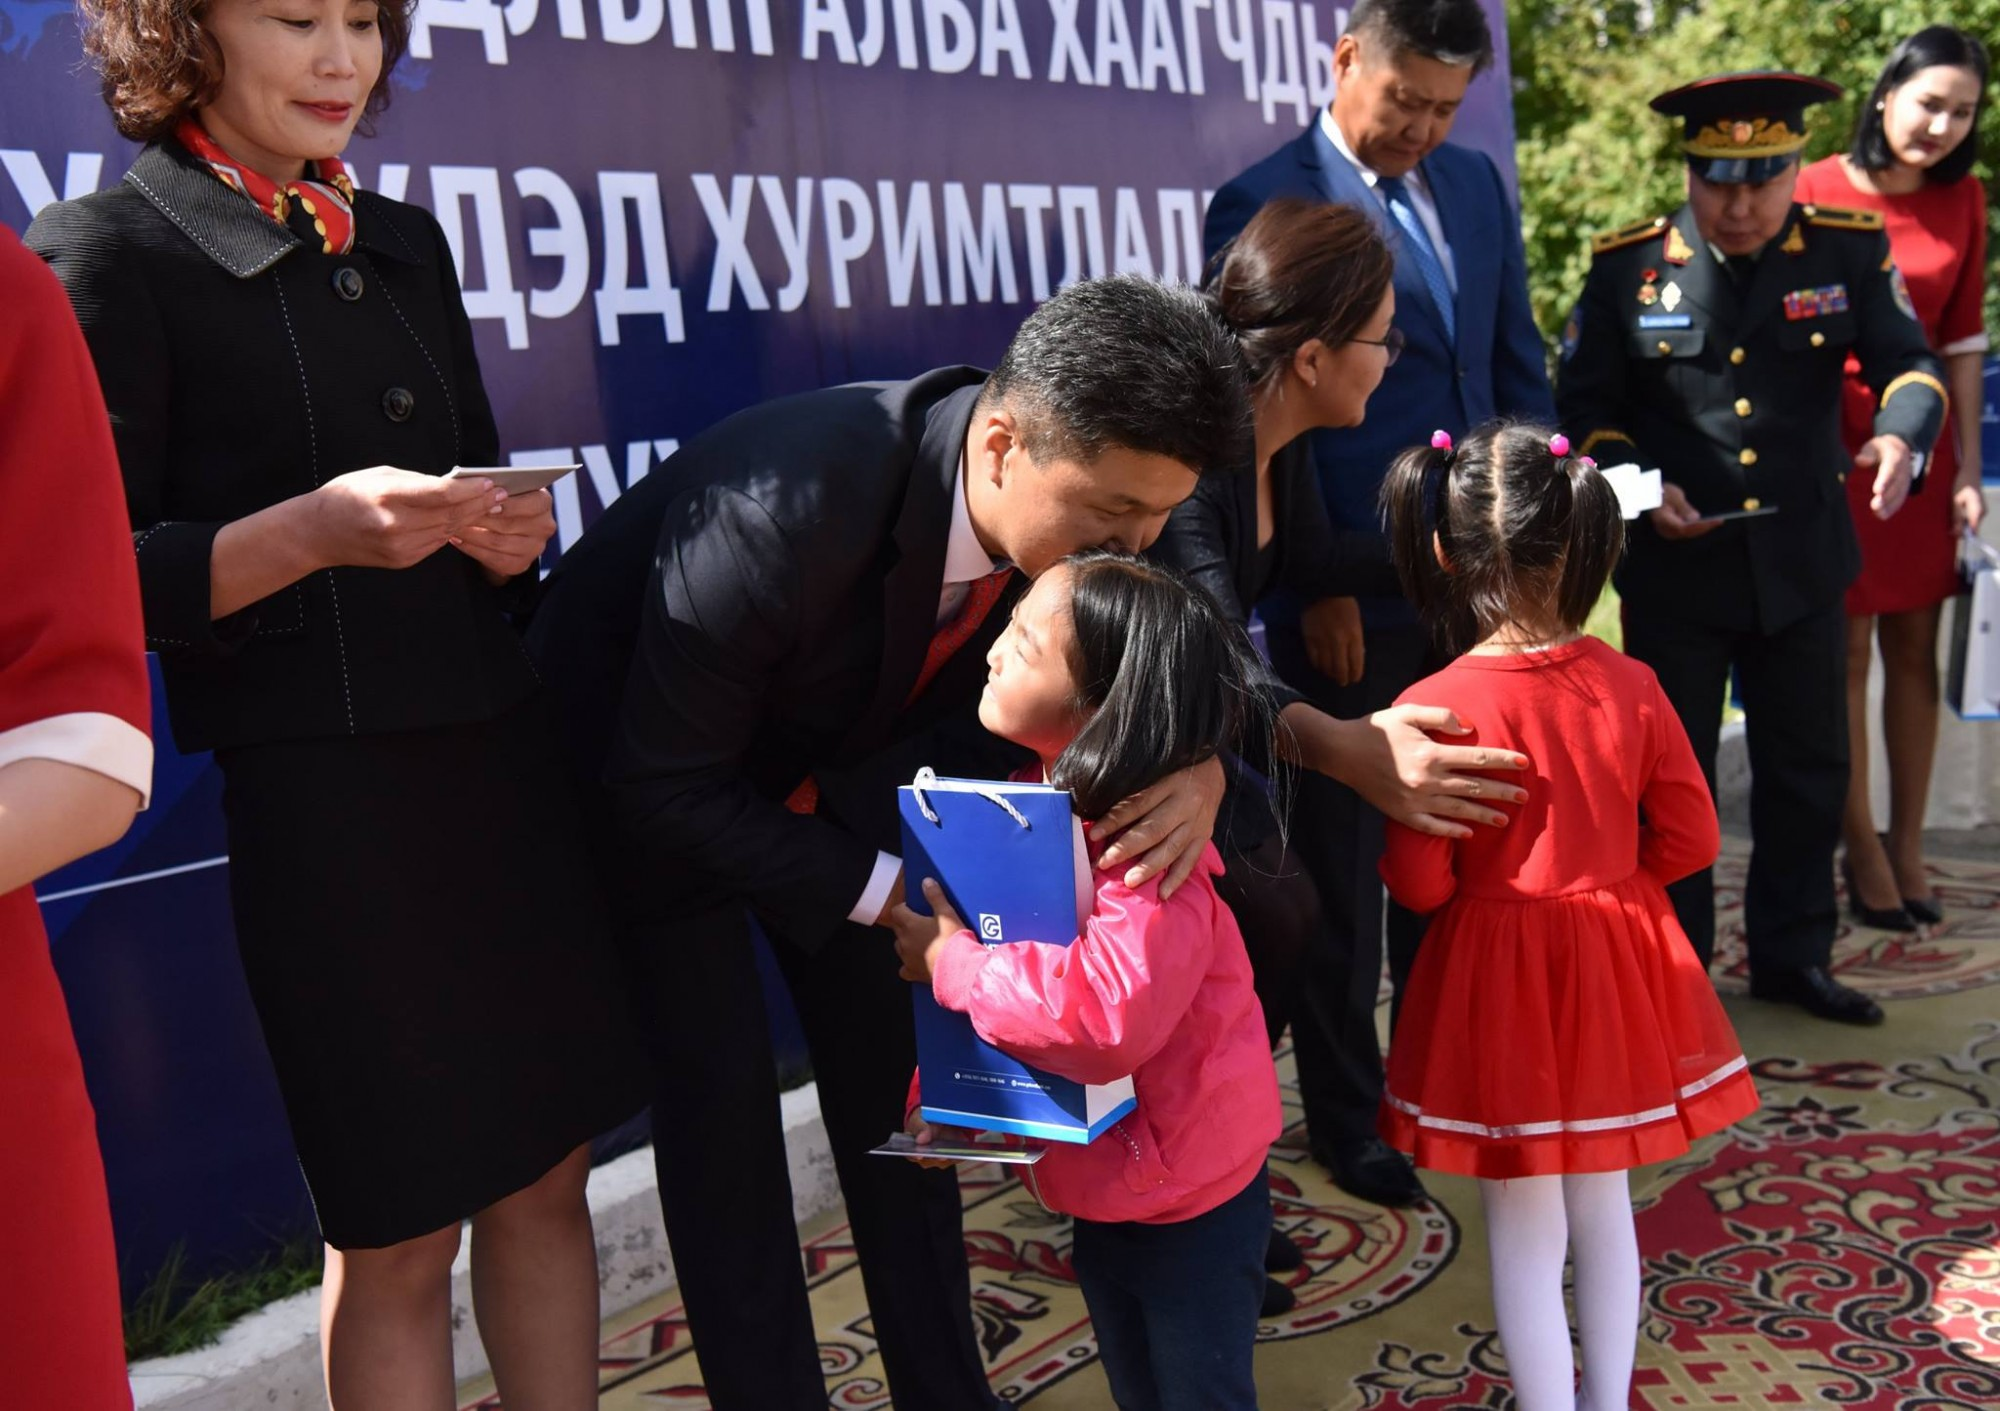 """Онцгой байдлын алба хаагчдын 106 хүүхэд """"ҮНДЭСНИЙ ХУРИМТЛАЛ""""-тай иргэд болно"""